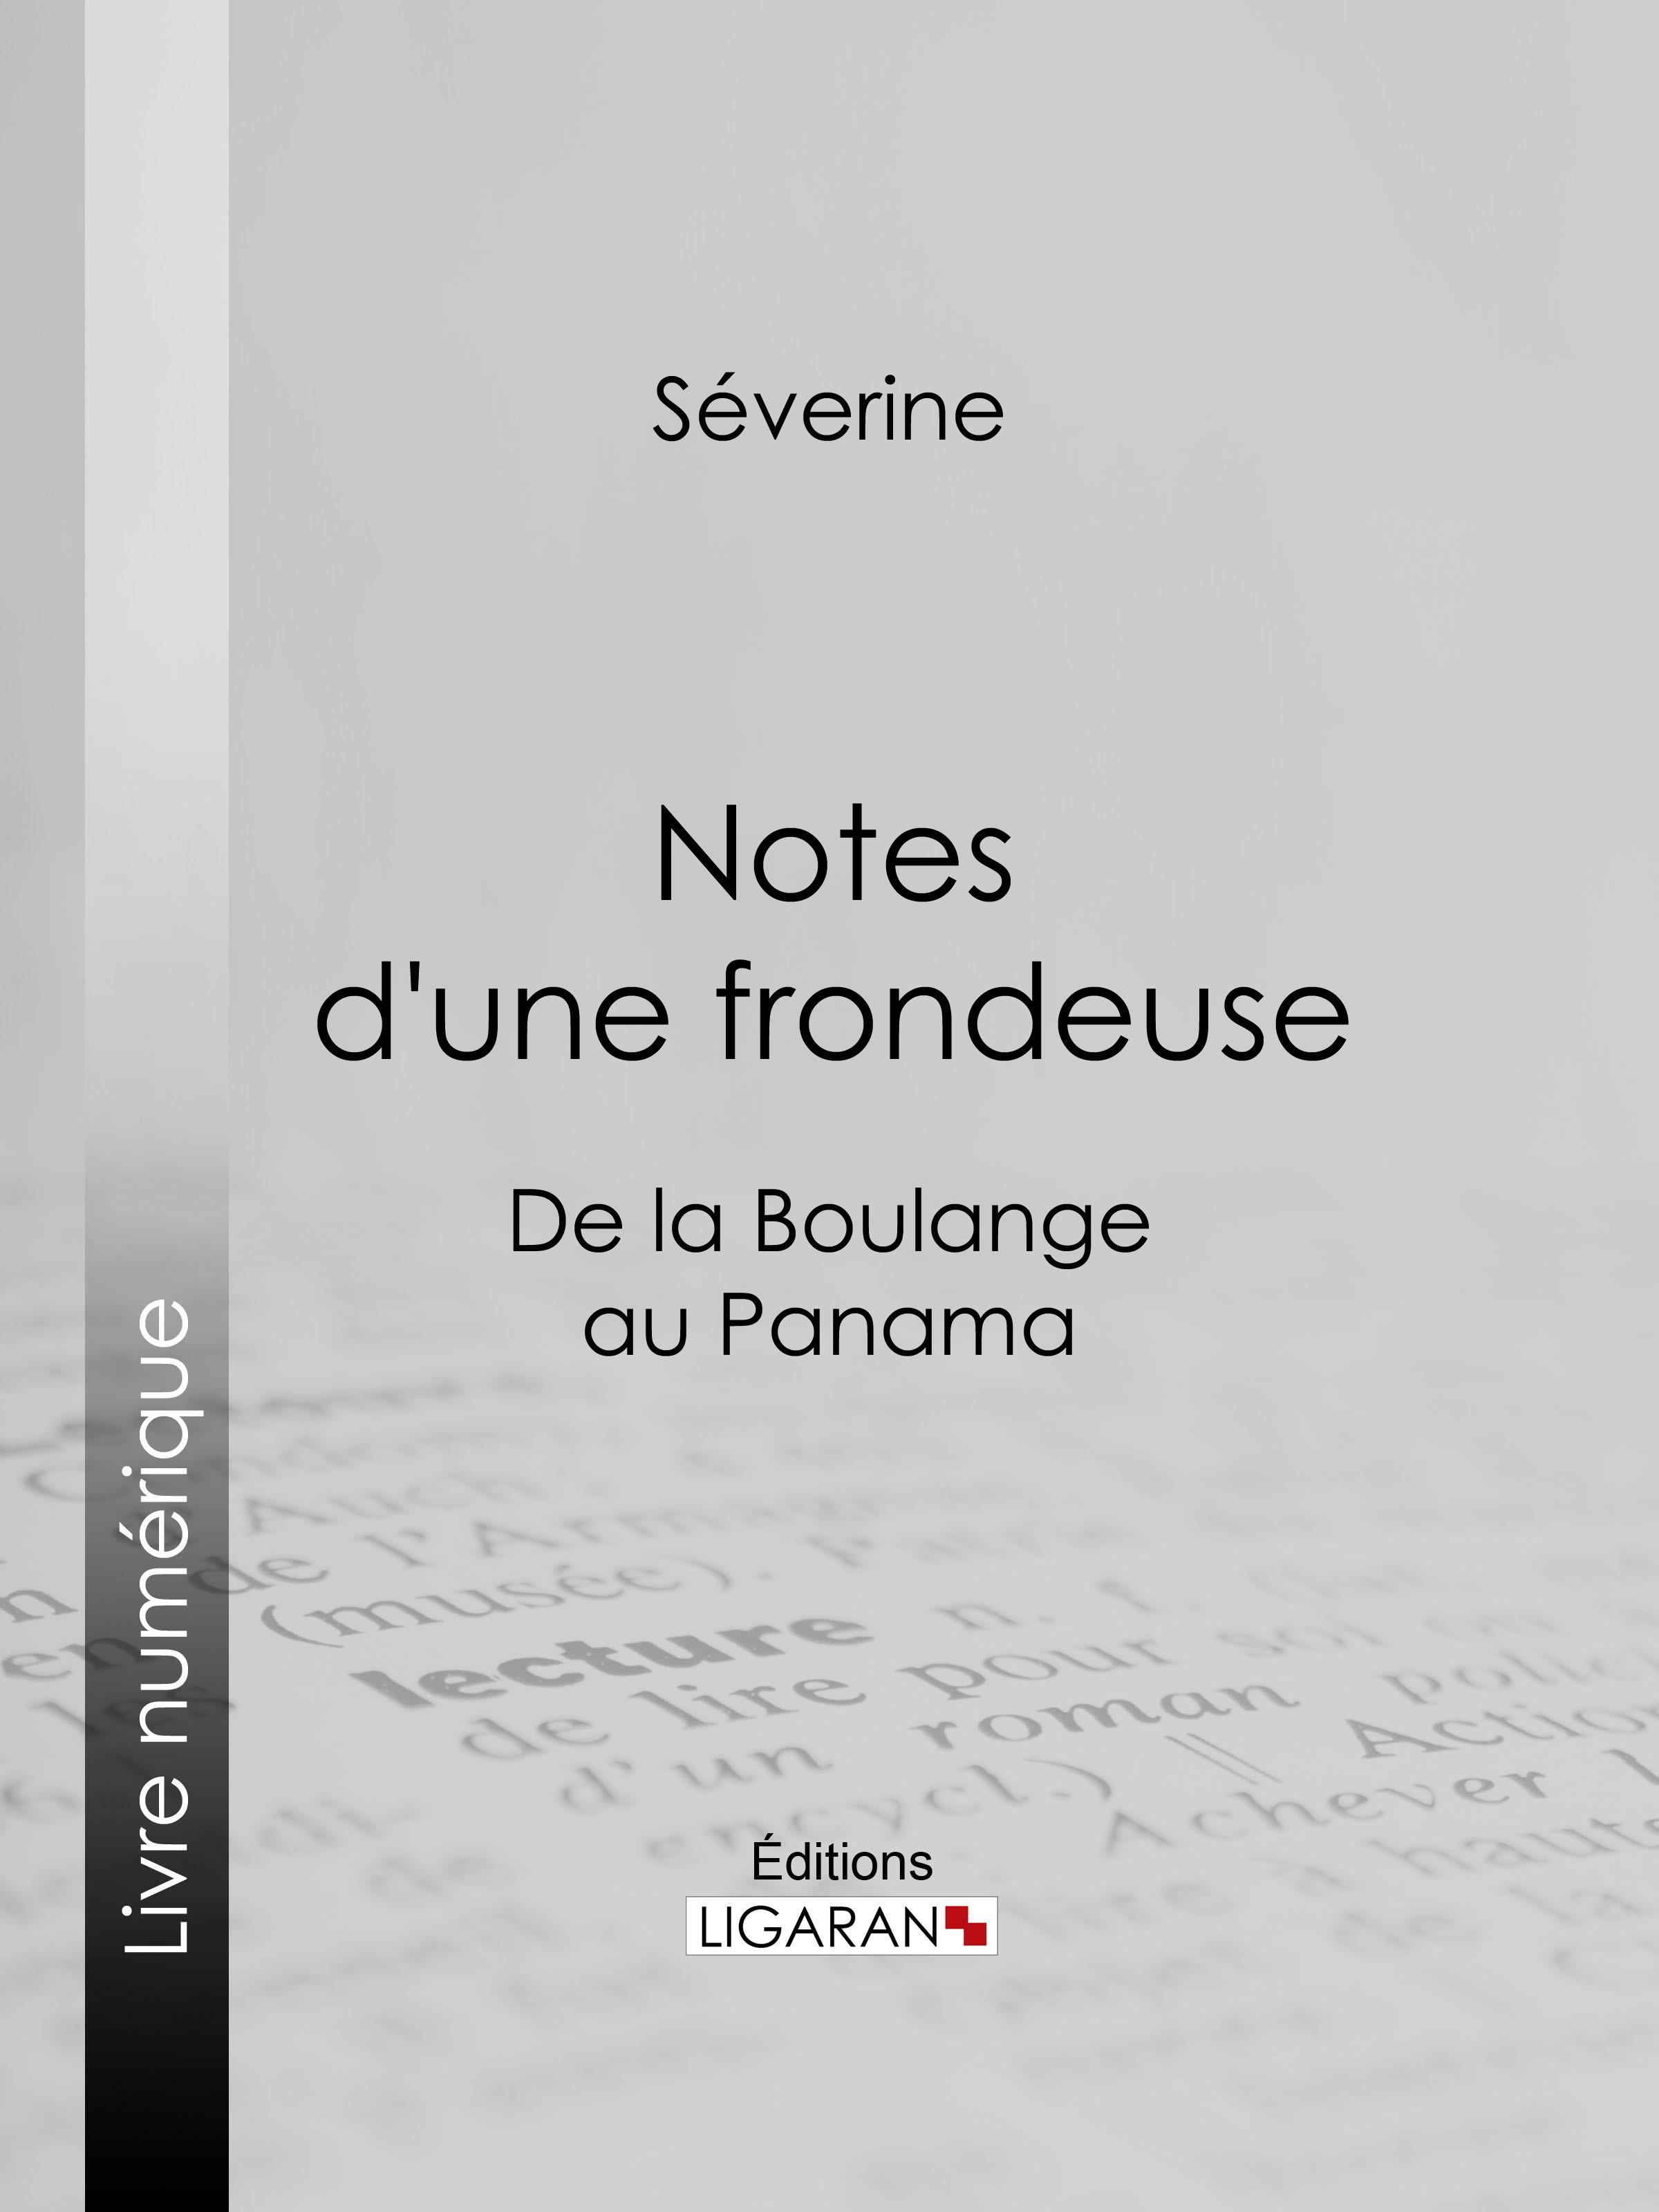 Notes d'une frondeuse